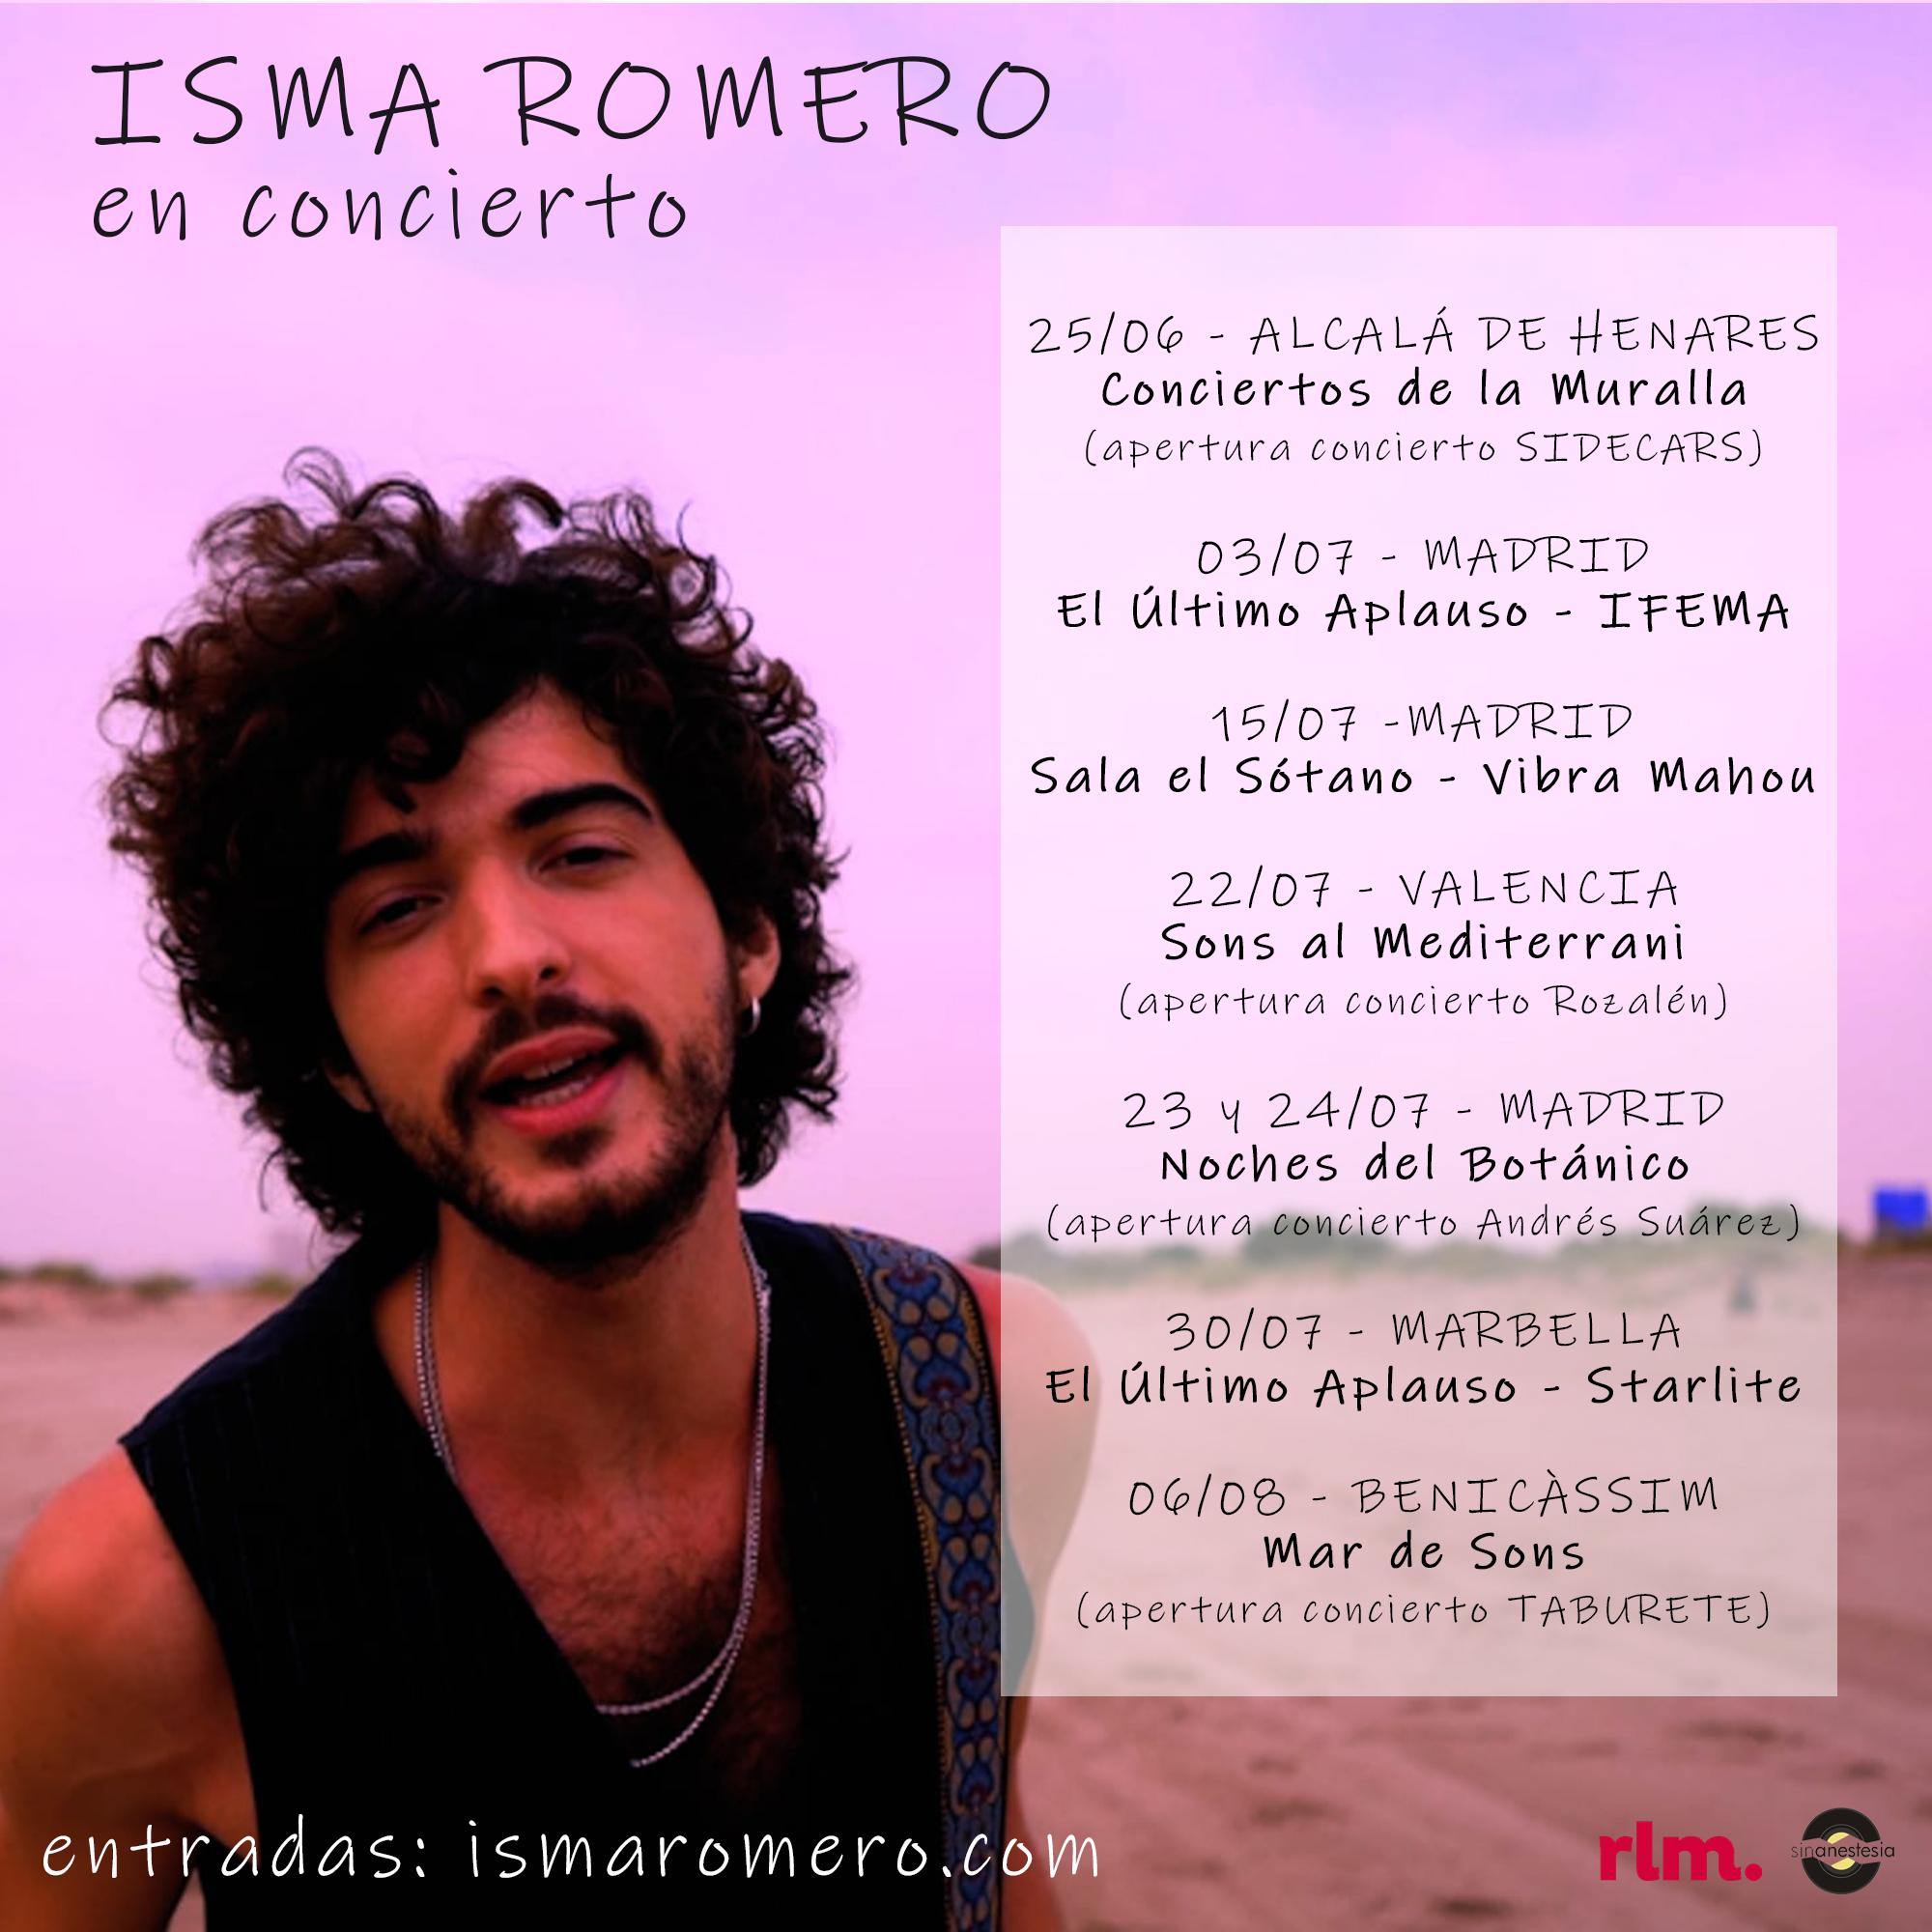 Isma Romero en concierto